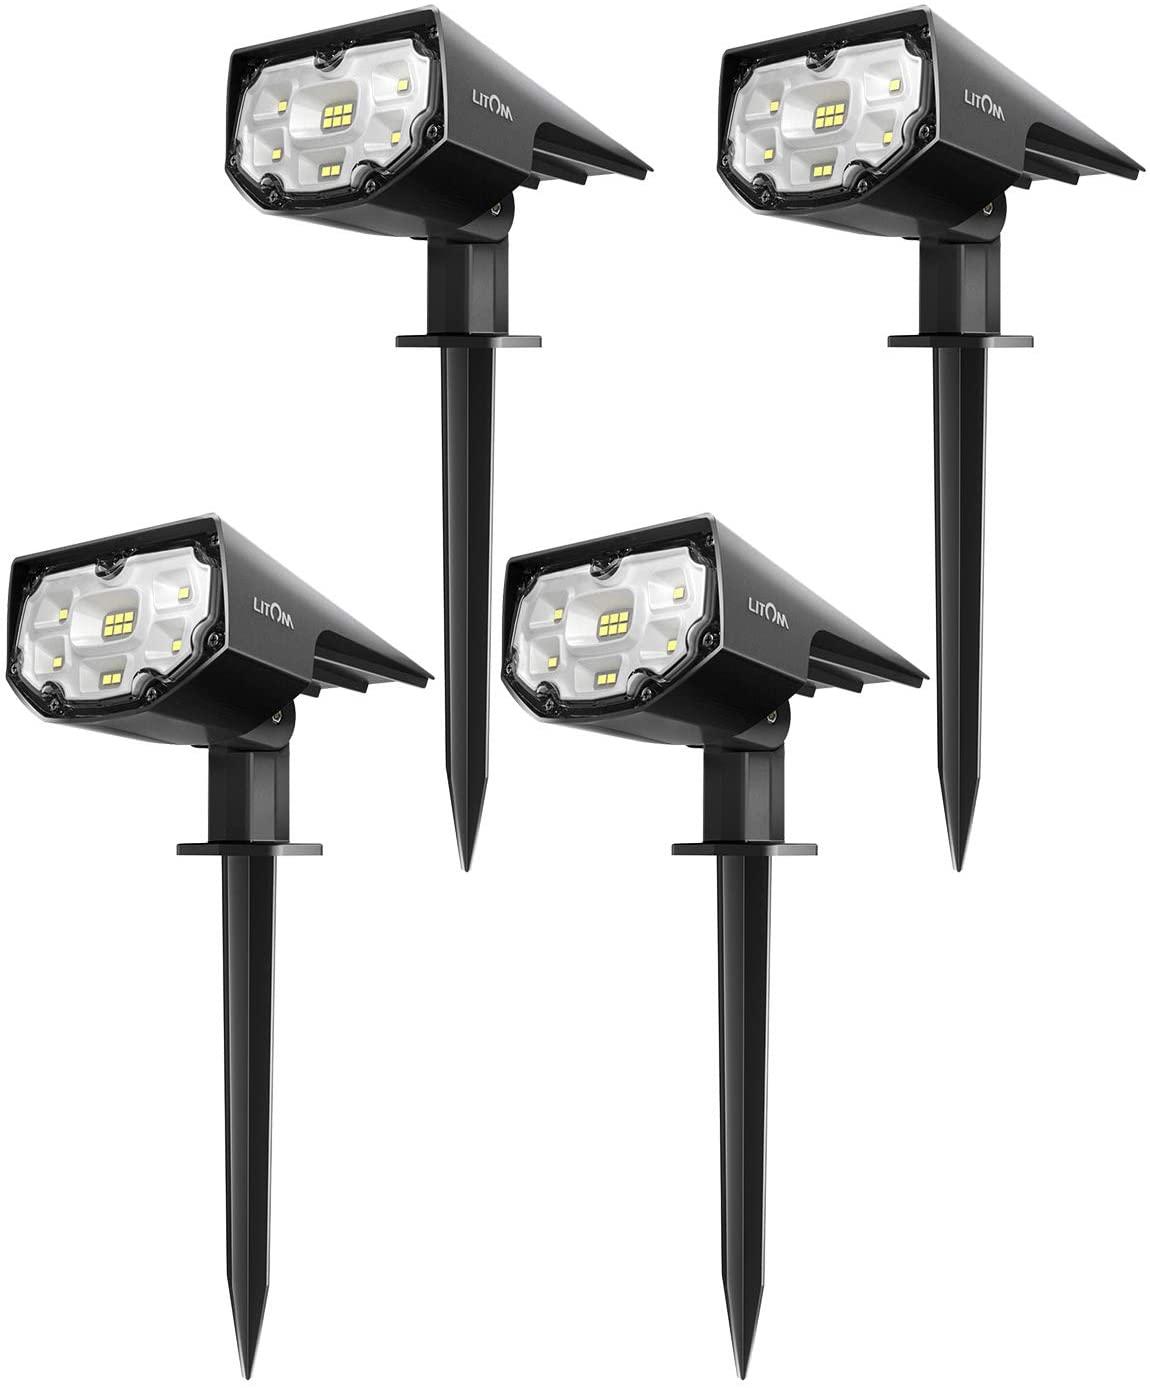 LITOM Solar LED Landscape Spotlights